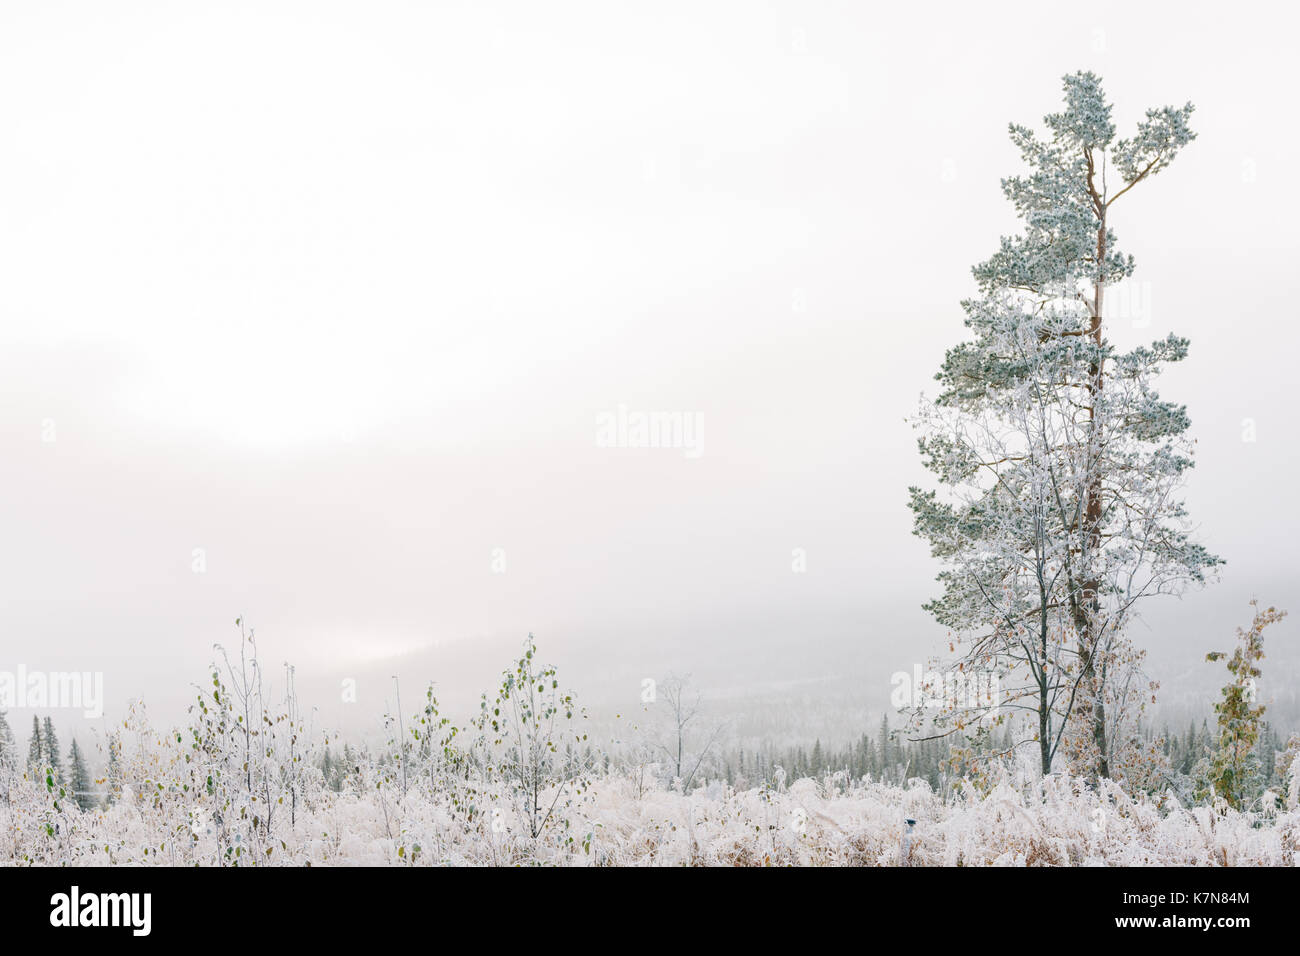 Ein Baum im Nebel und Frost Stockbild